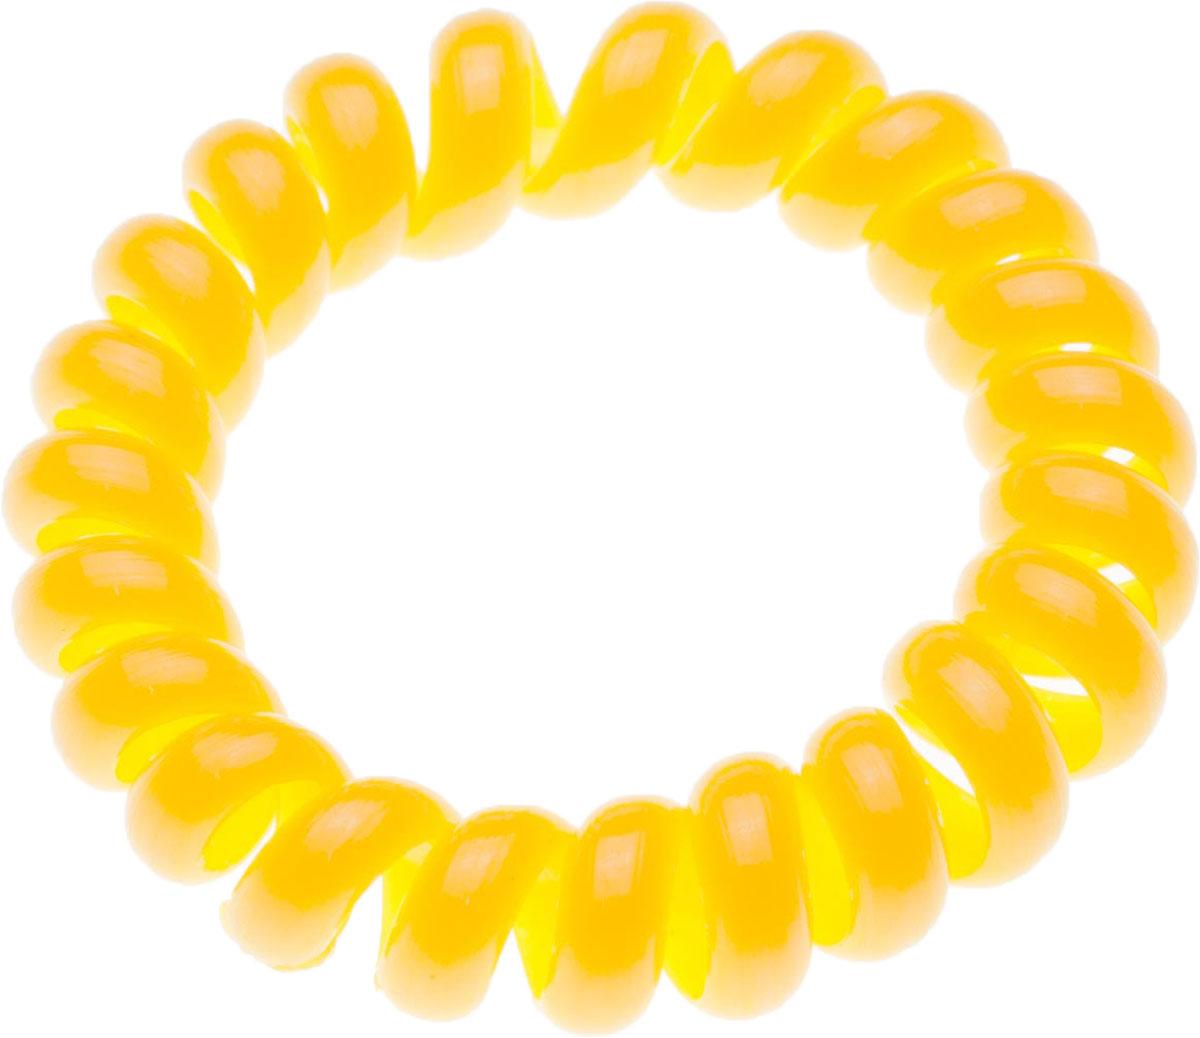 Резинка для волос Мастерская Крутовых, цвет: желтый. РПВ-262РПВ-262Резинки-пружинки для волос — это модная тенденция в сфере ухода за собой. Благодаря этой резинки вы сможете сделать любую прическу и она будет держаться на ура. Пользуетесь маской или бальзамом для волос? И тут вам резинка-пружинка придется кстати, она не намокает, быстро моется и не заламывает волосы! Так же эту резиночку можно носить как браслет!